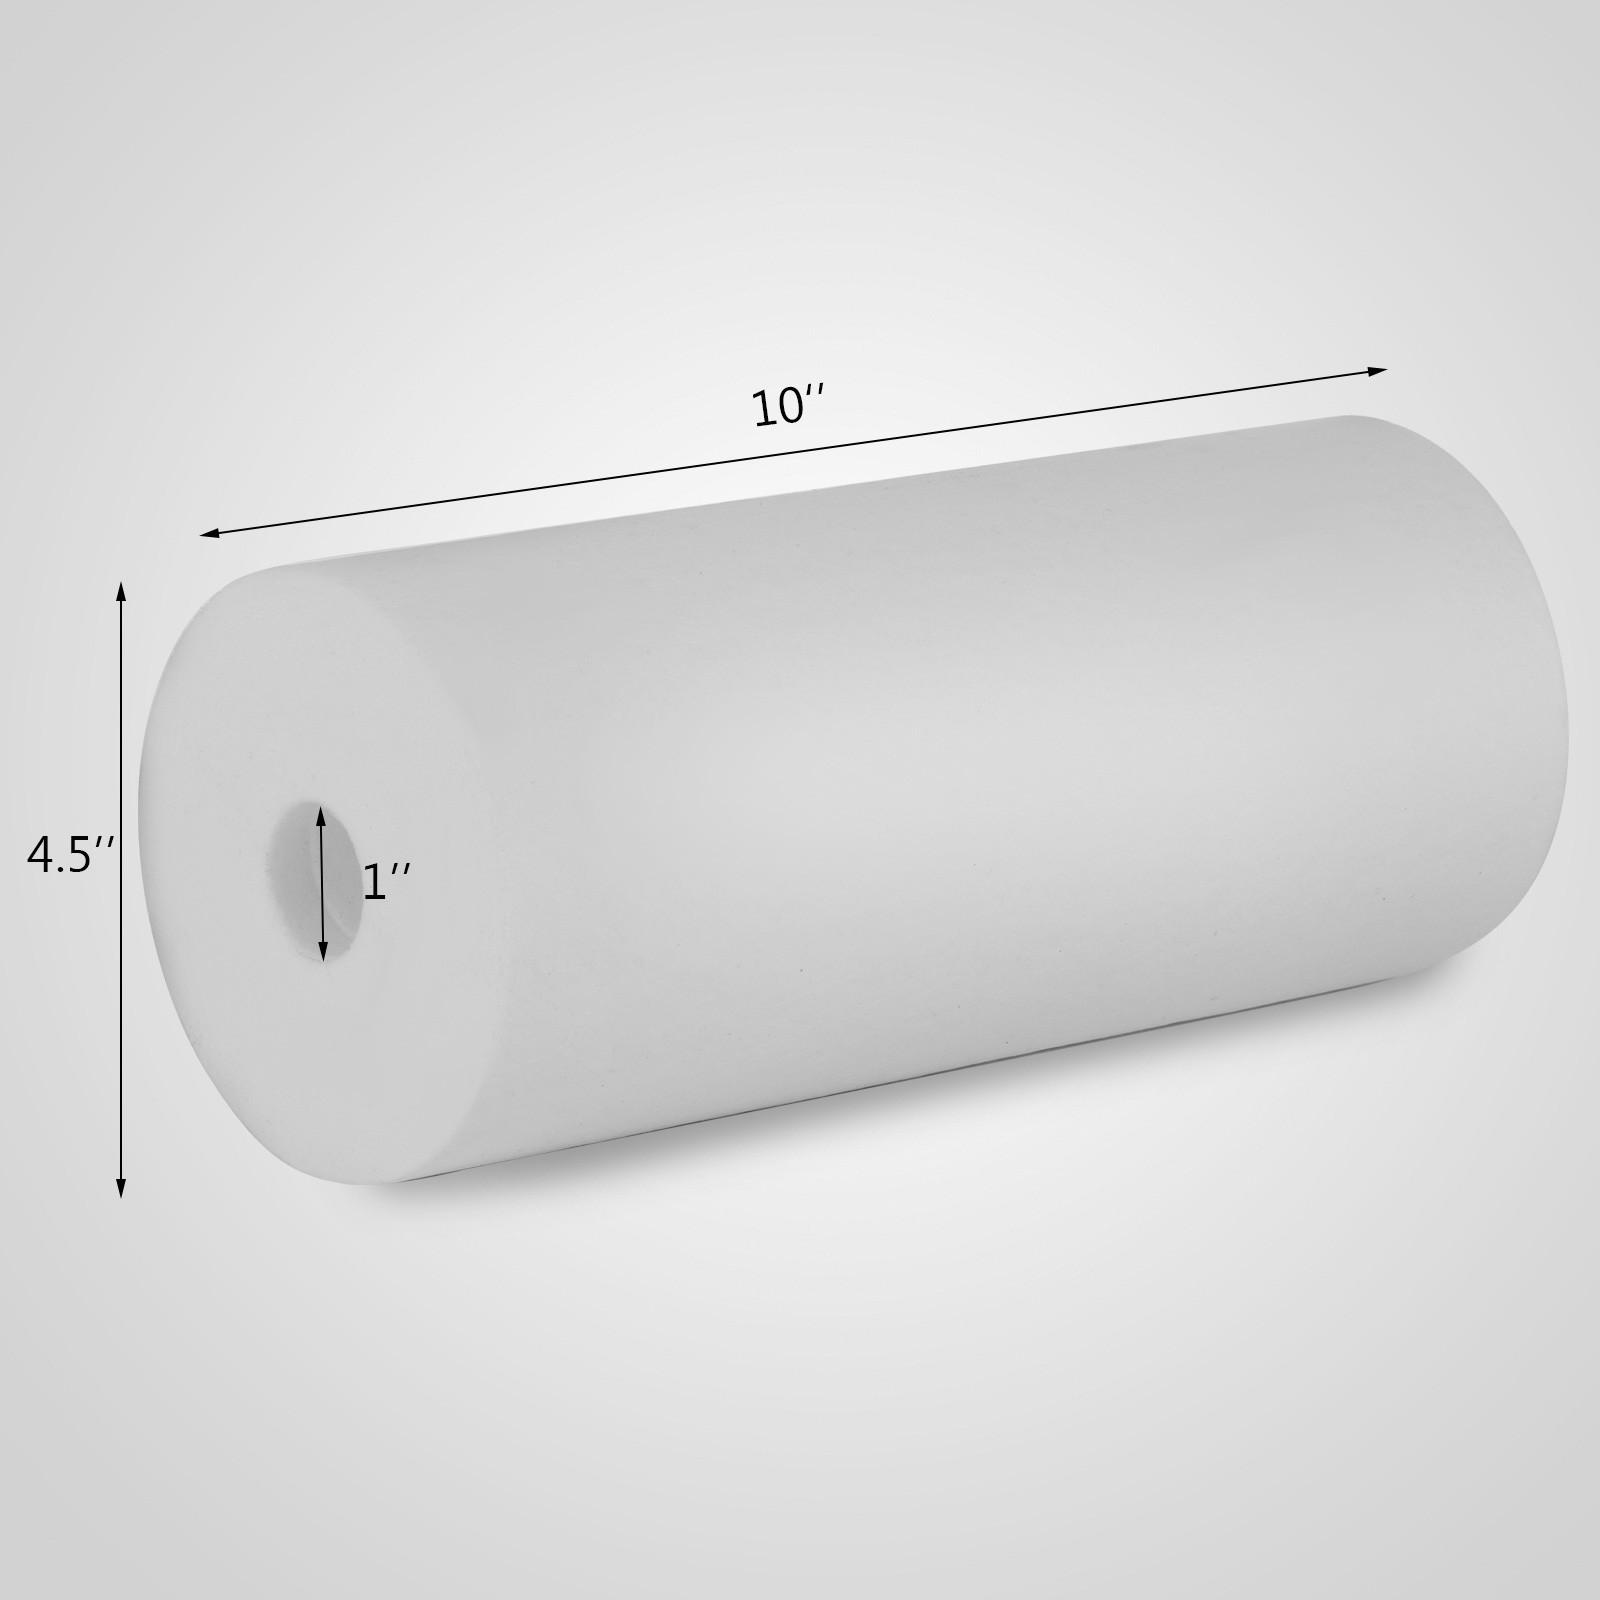 20Pcs-Cartouche-Filtrante-5-Micron-10-034-X-4-5-034-Contre-Sediments-Particules miniature 2